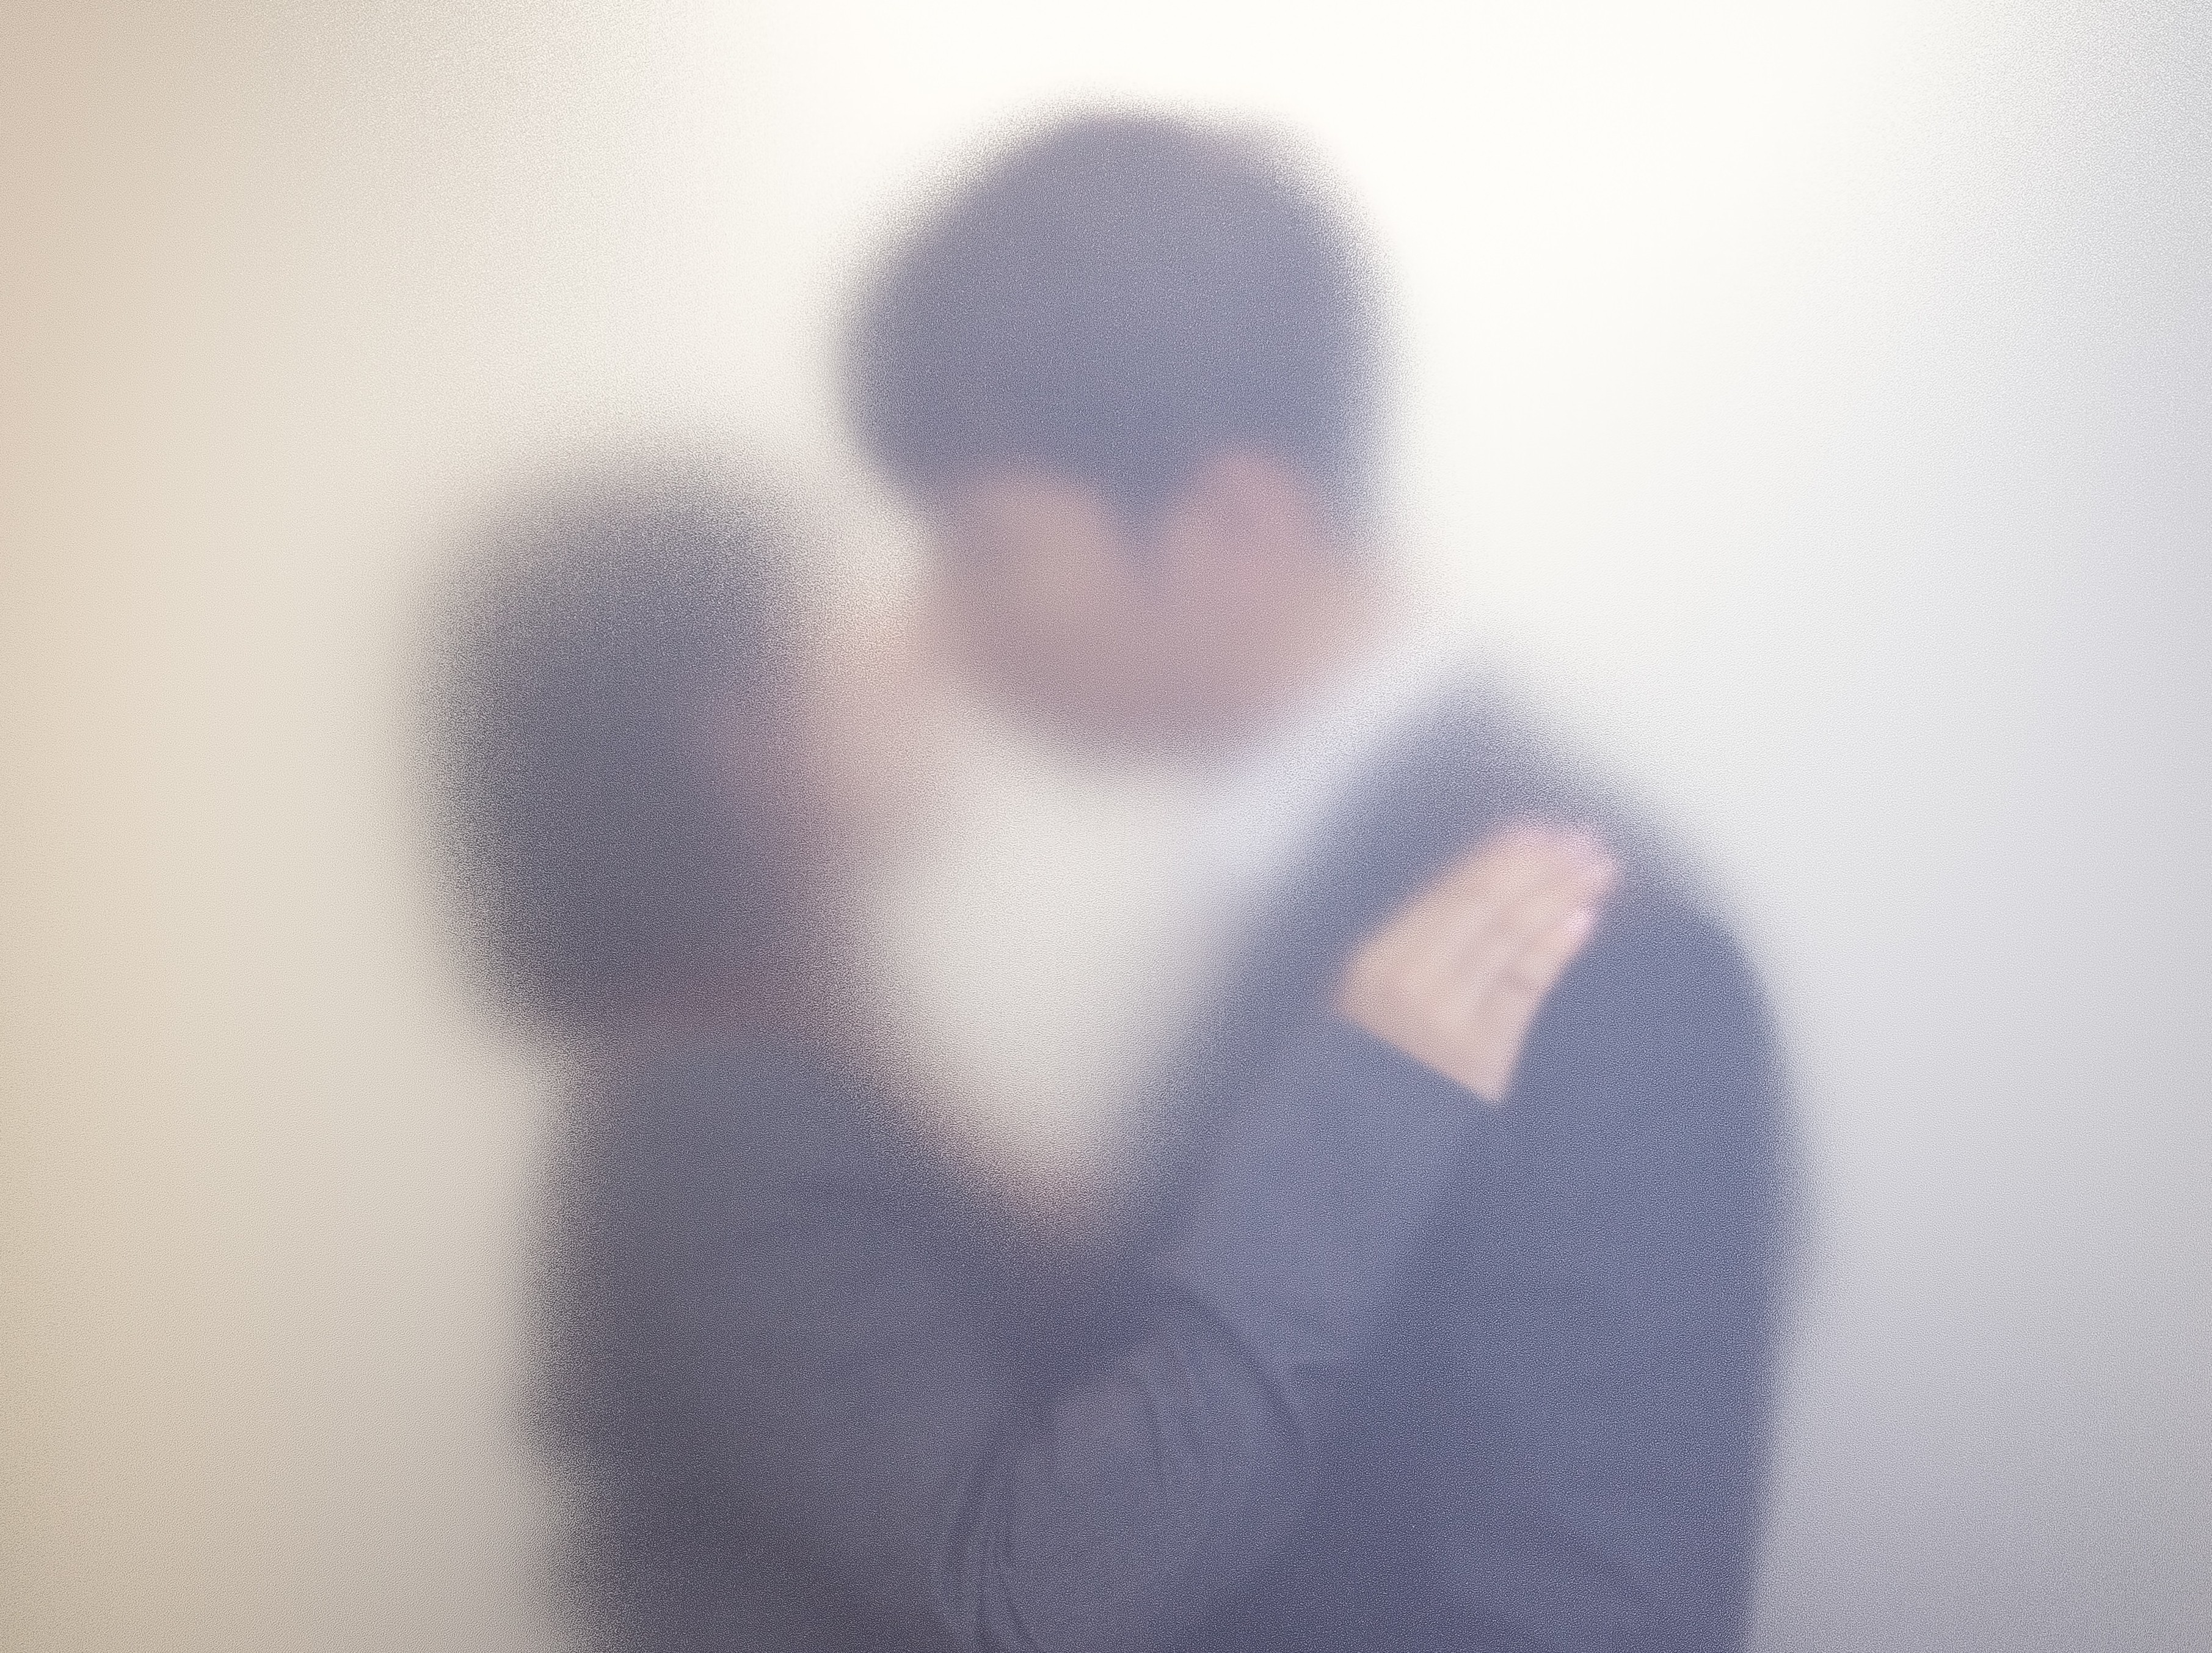 ▲情侶,戀人,辦公室戀情(圖/取自免費圖pakutaso)